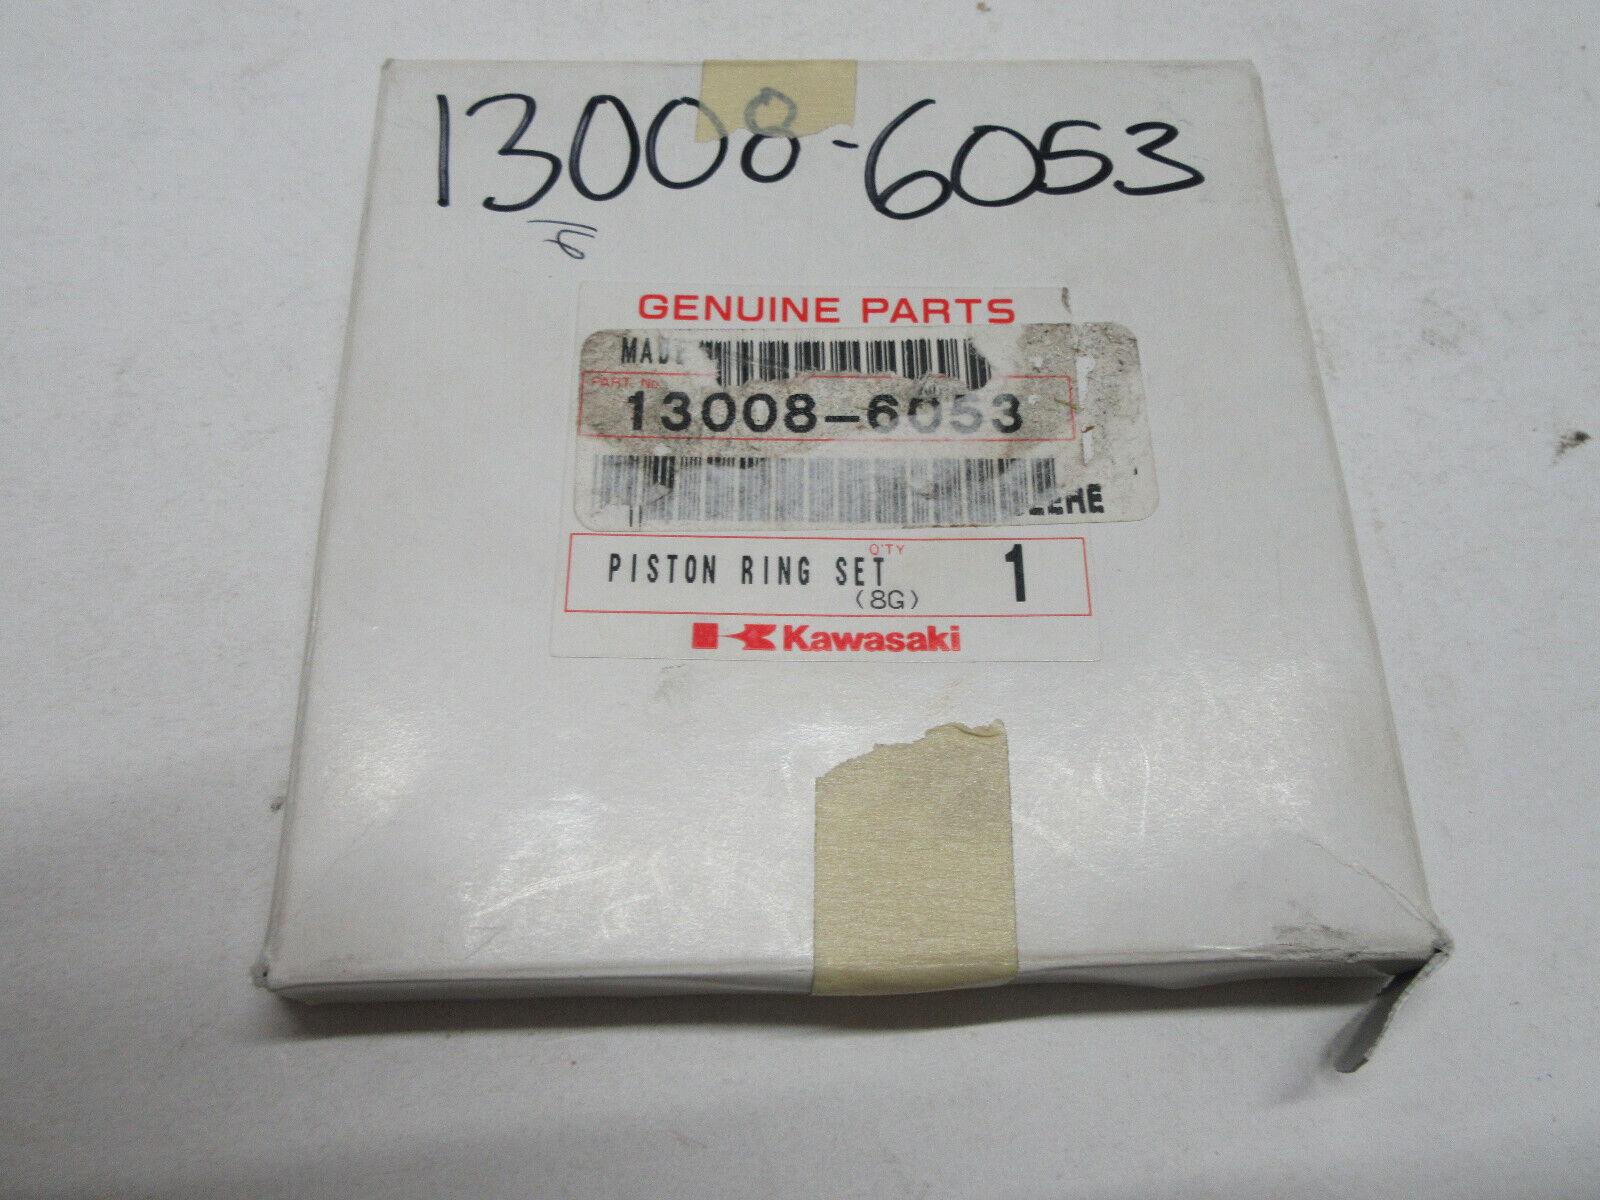 Conjunto ANILLO DE PISTÓN Kawasaki 13008-6053